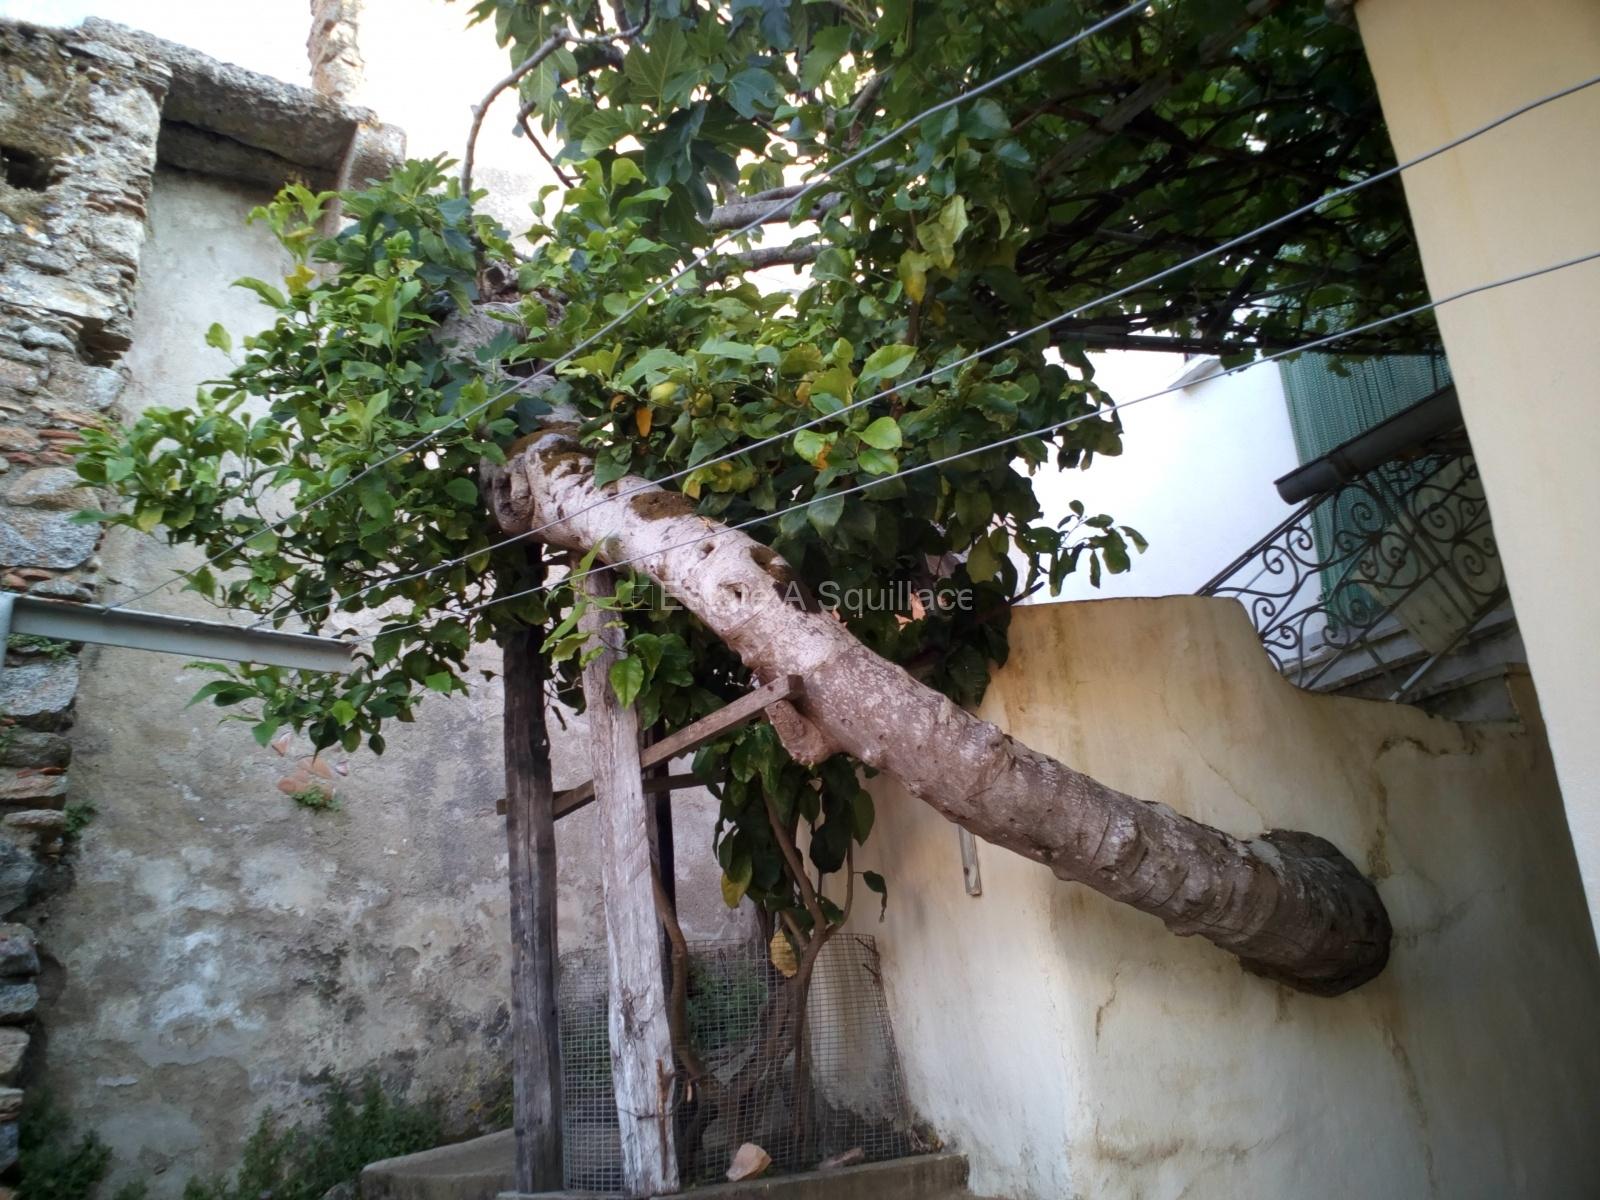 55 - Squillace borgo: fico dal muro